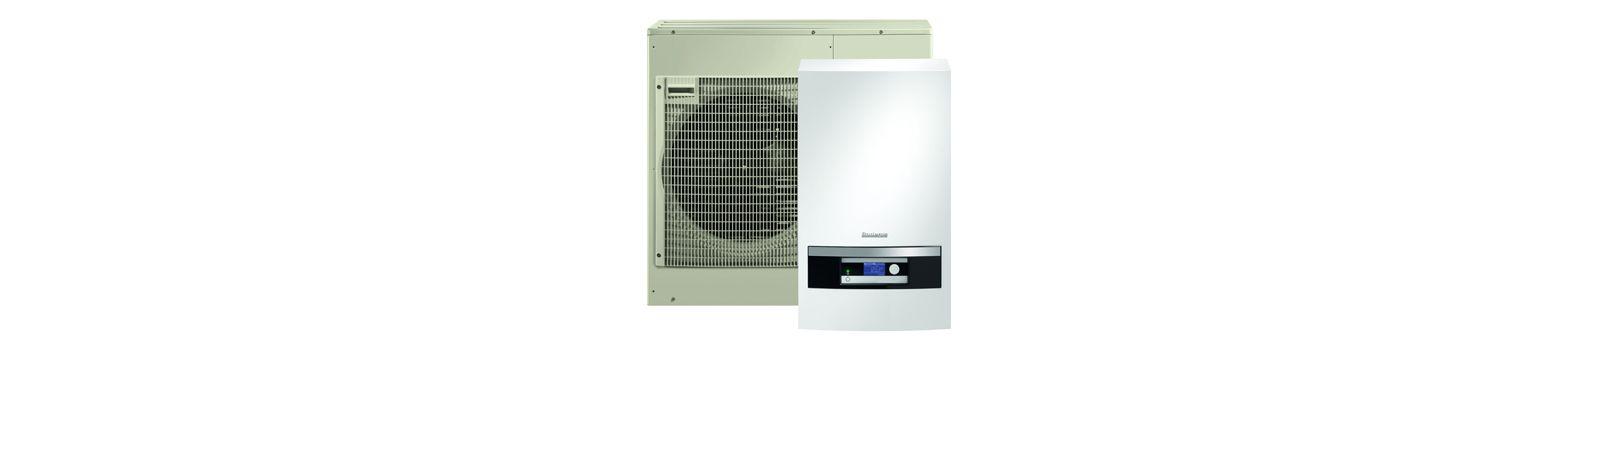 Klimaanlage - Arten, Stromverbrauch, Kosten und Förderung